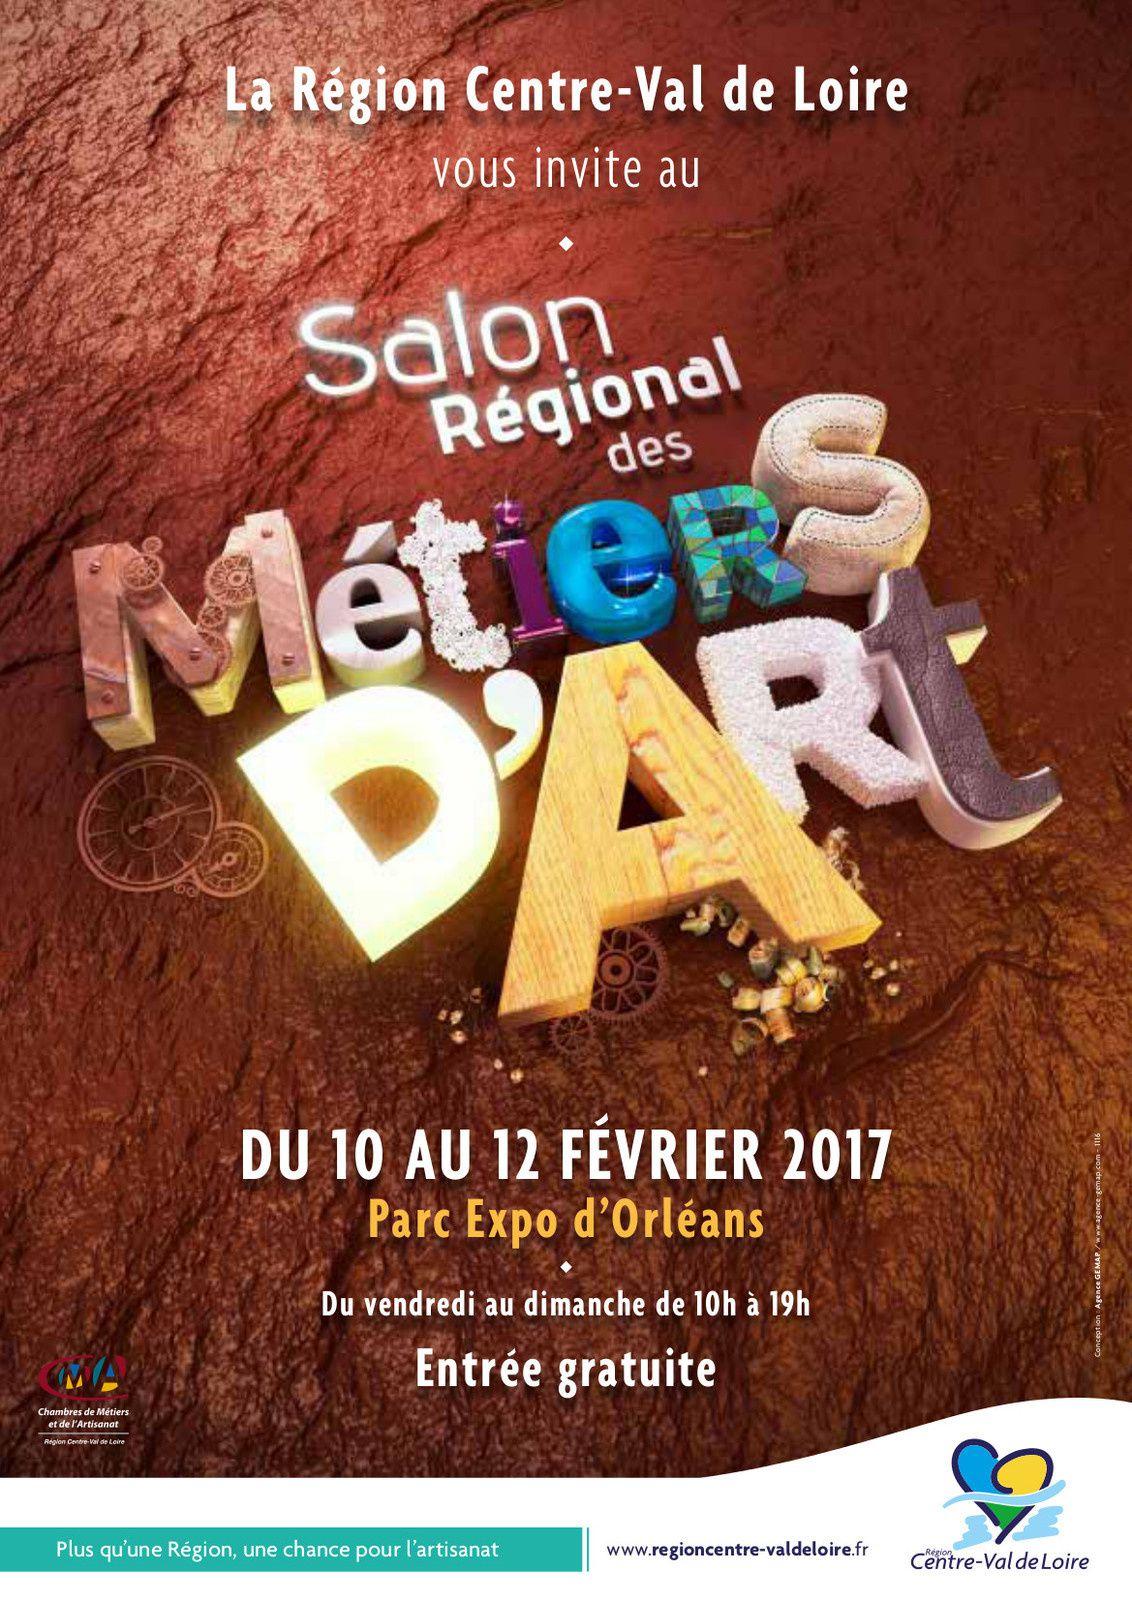 Salon Régional des Métiers d'Art à Orléans